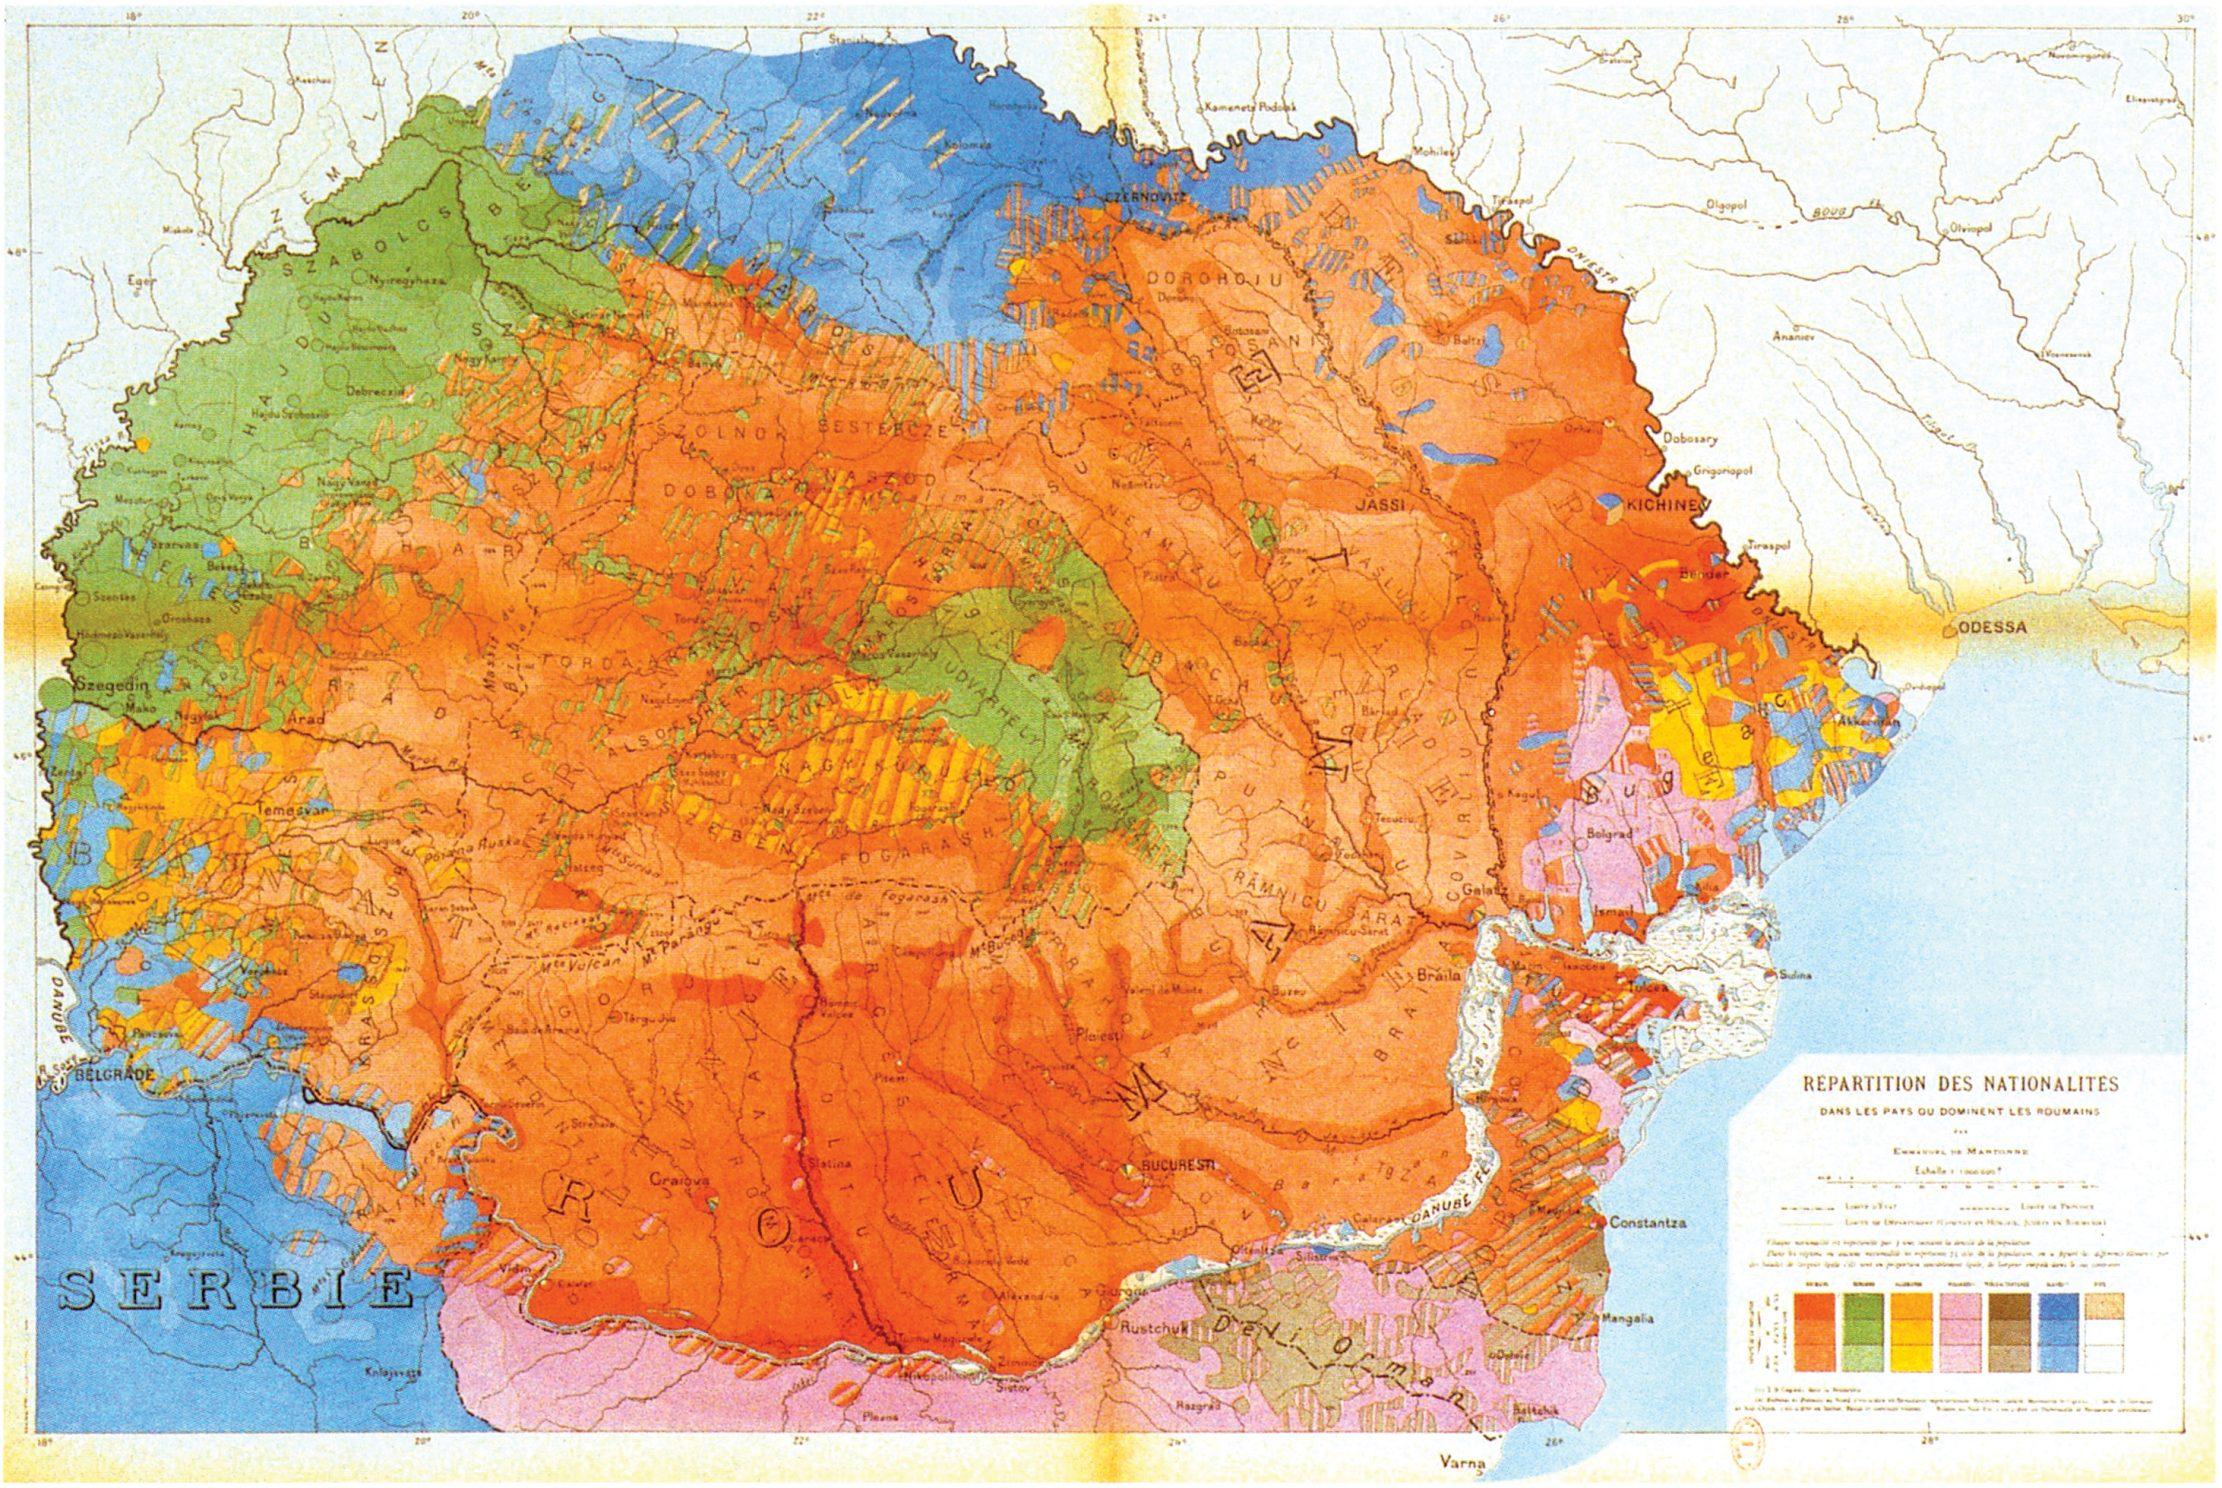 Hartă a României cu repartizarea naționalităților realizată de Emanuel Martonne în anul 1919